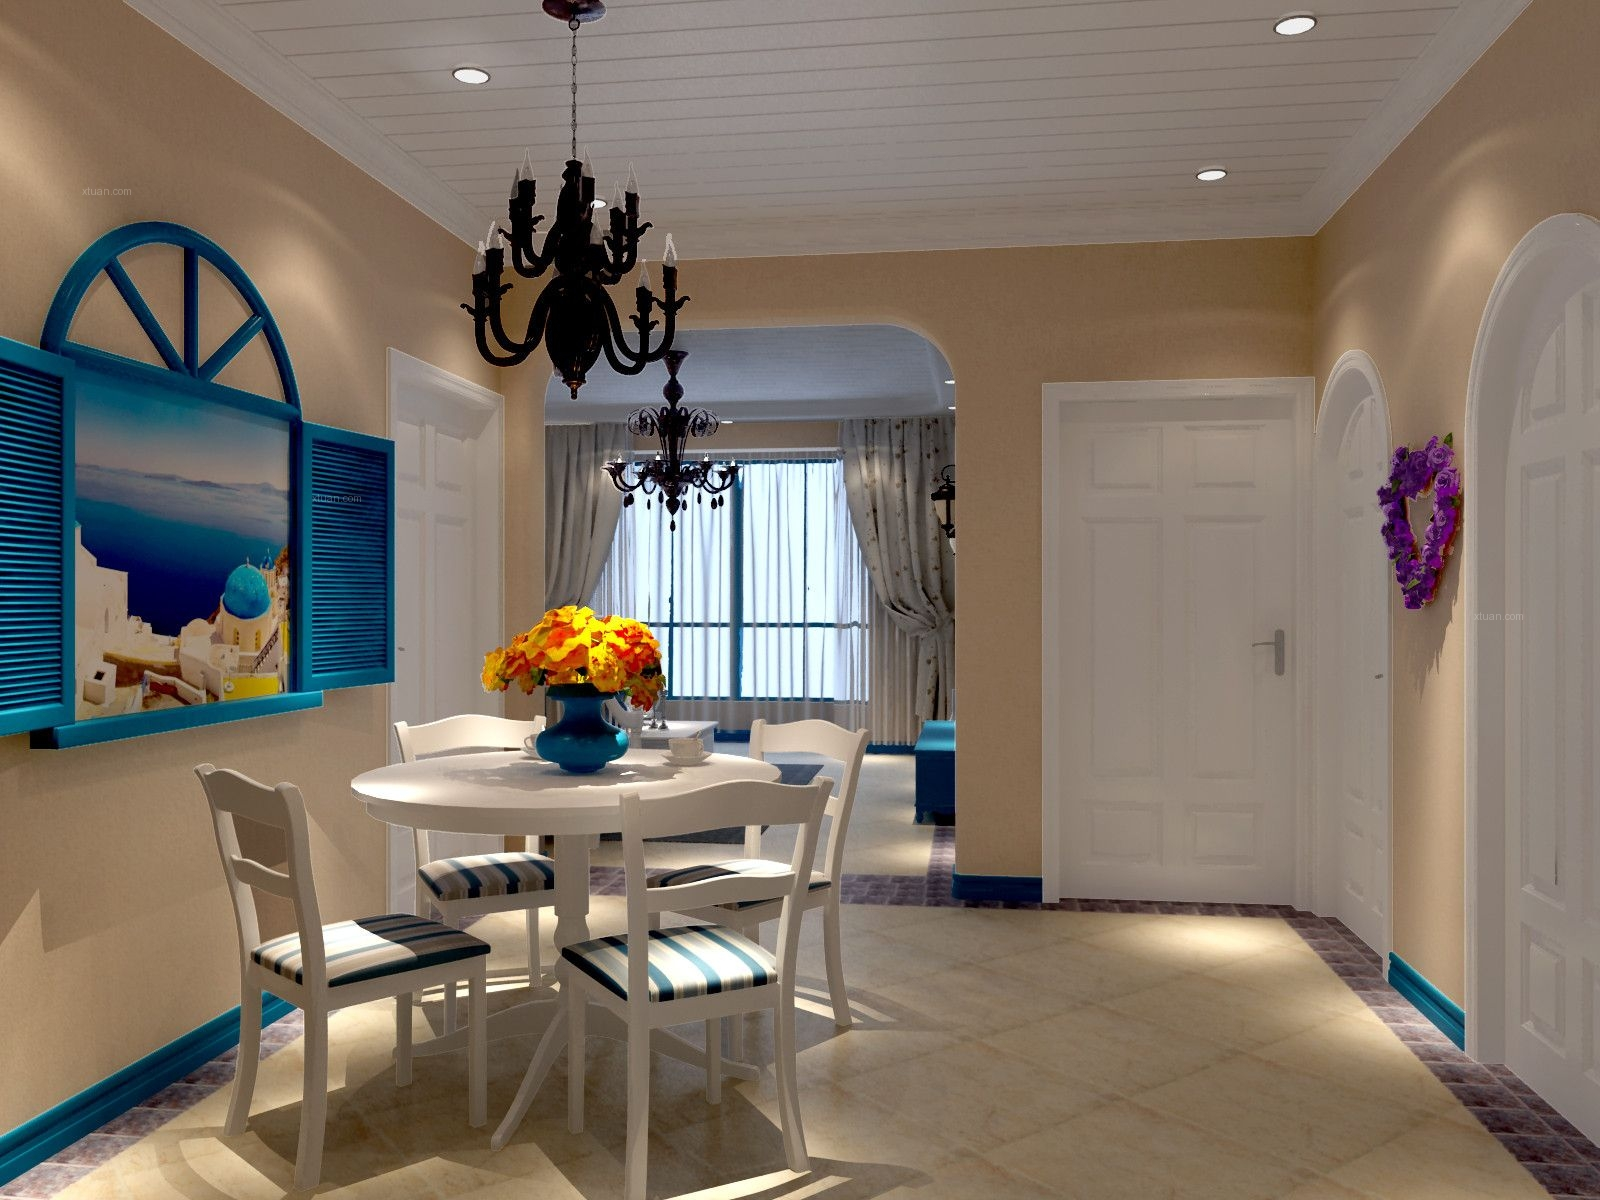 两室一厅地中海风格餐厅客厅隔断